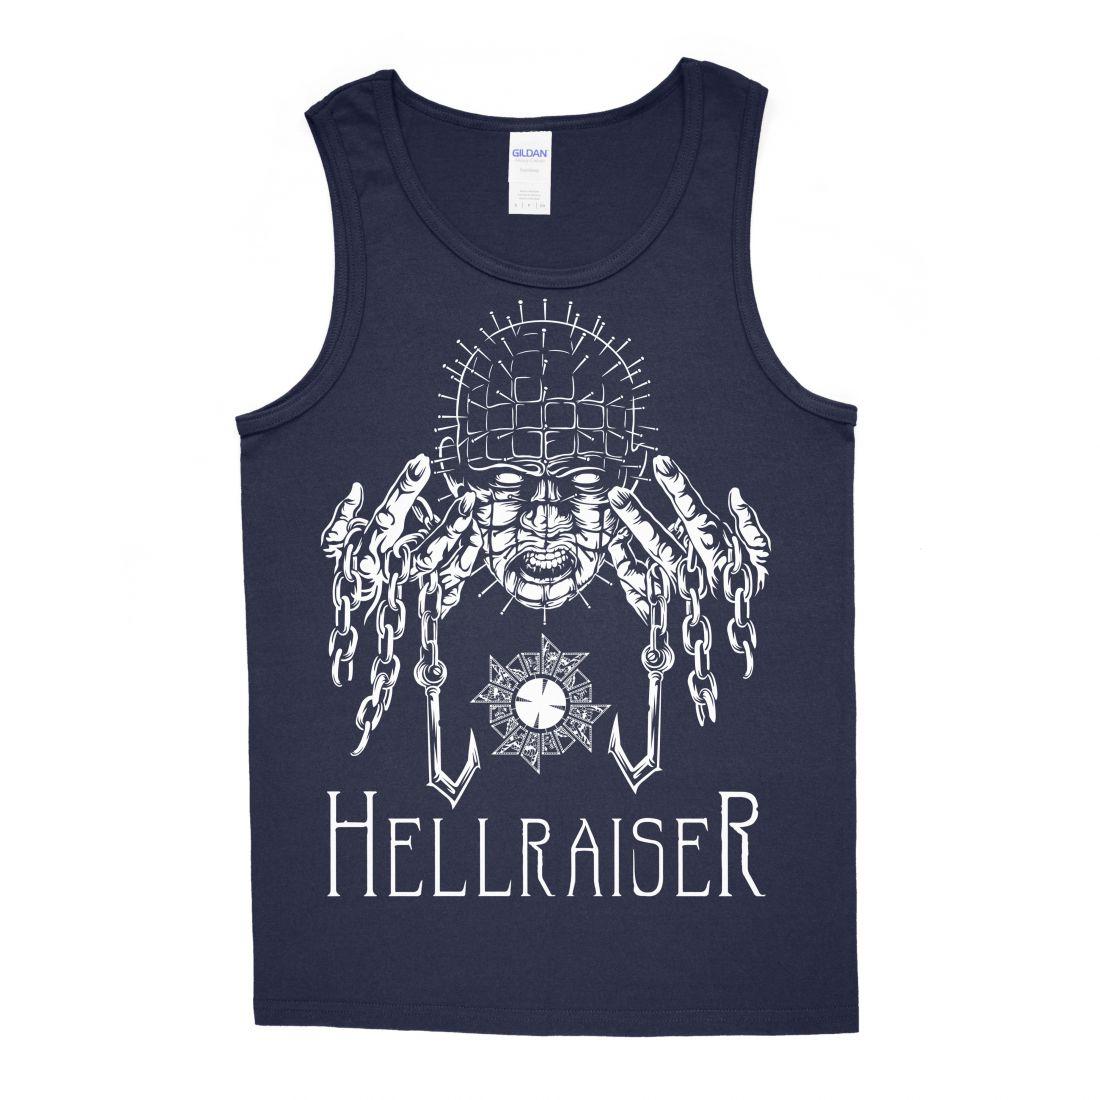 Hellraiser 001 (navy blue trikó)